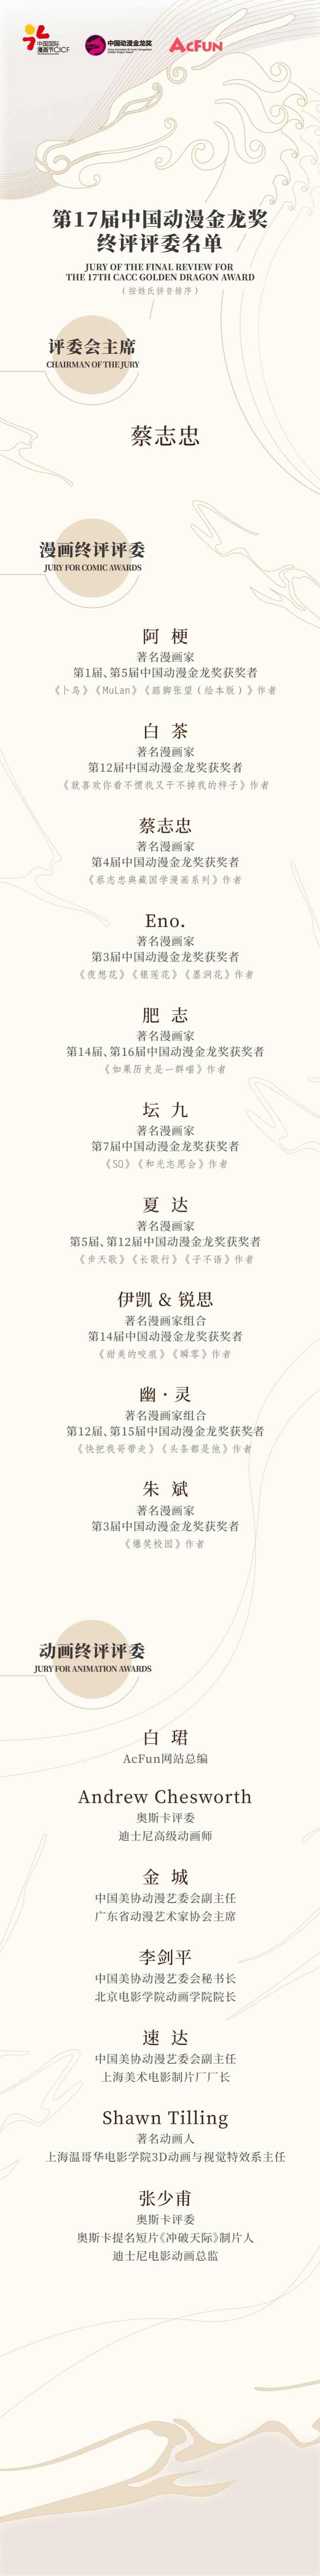 中国动漫金龙奖公布终评评委名单,奥斯卡奖评委加盟